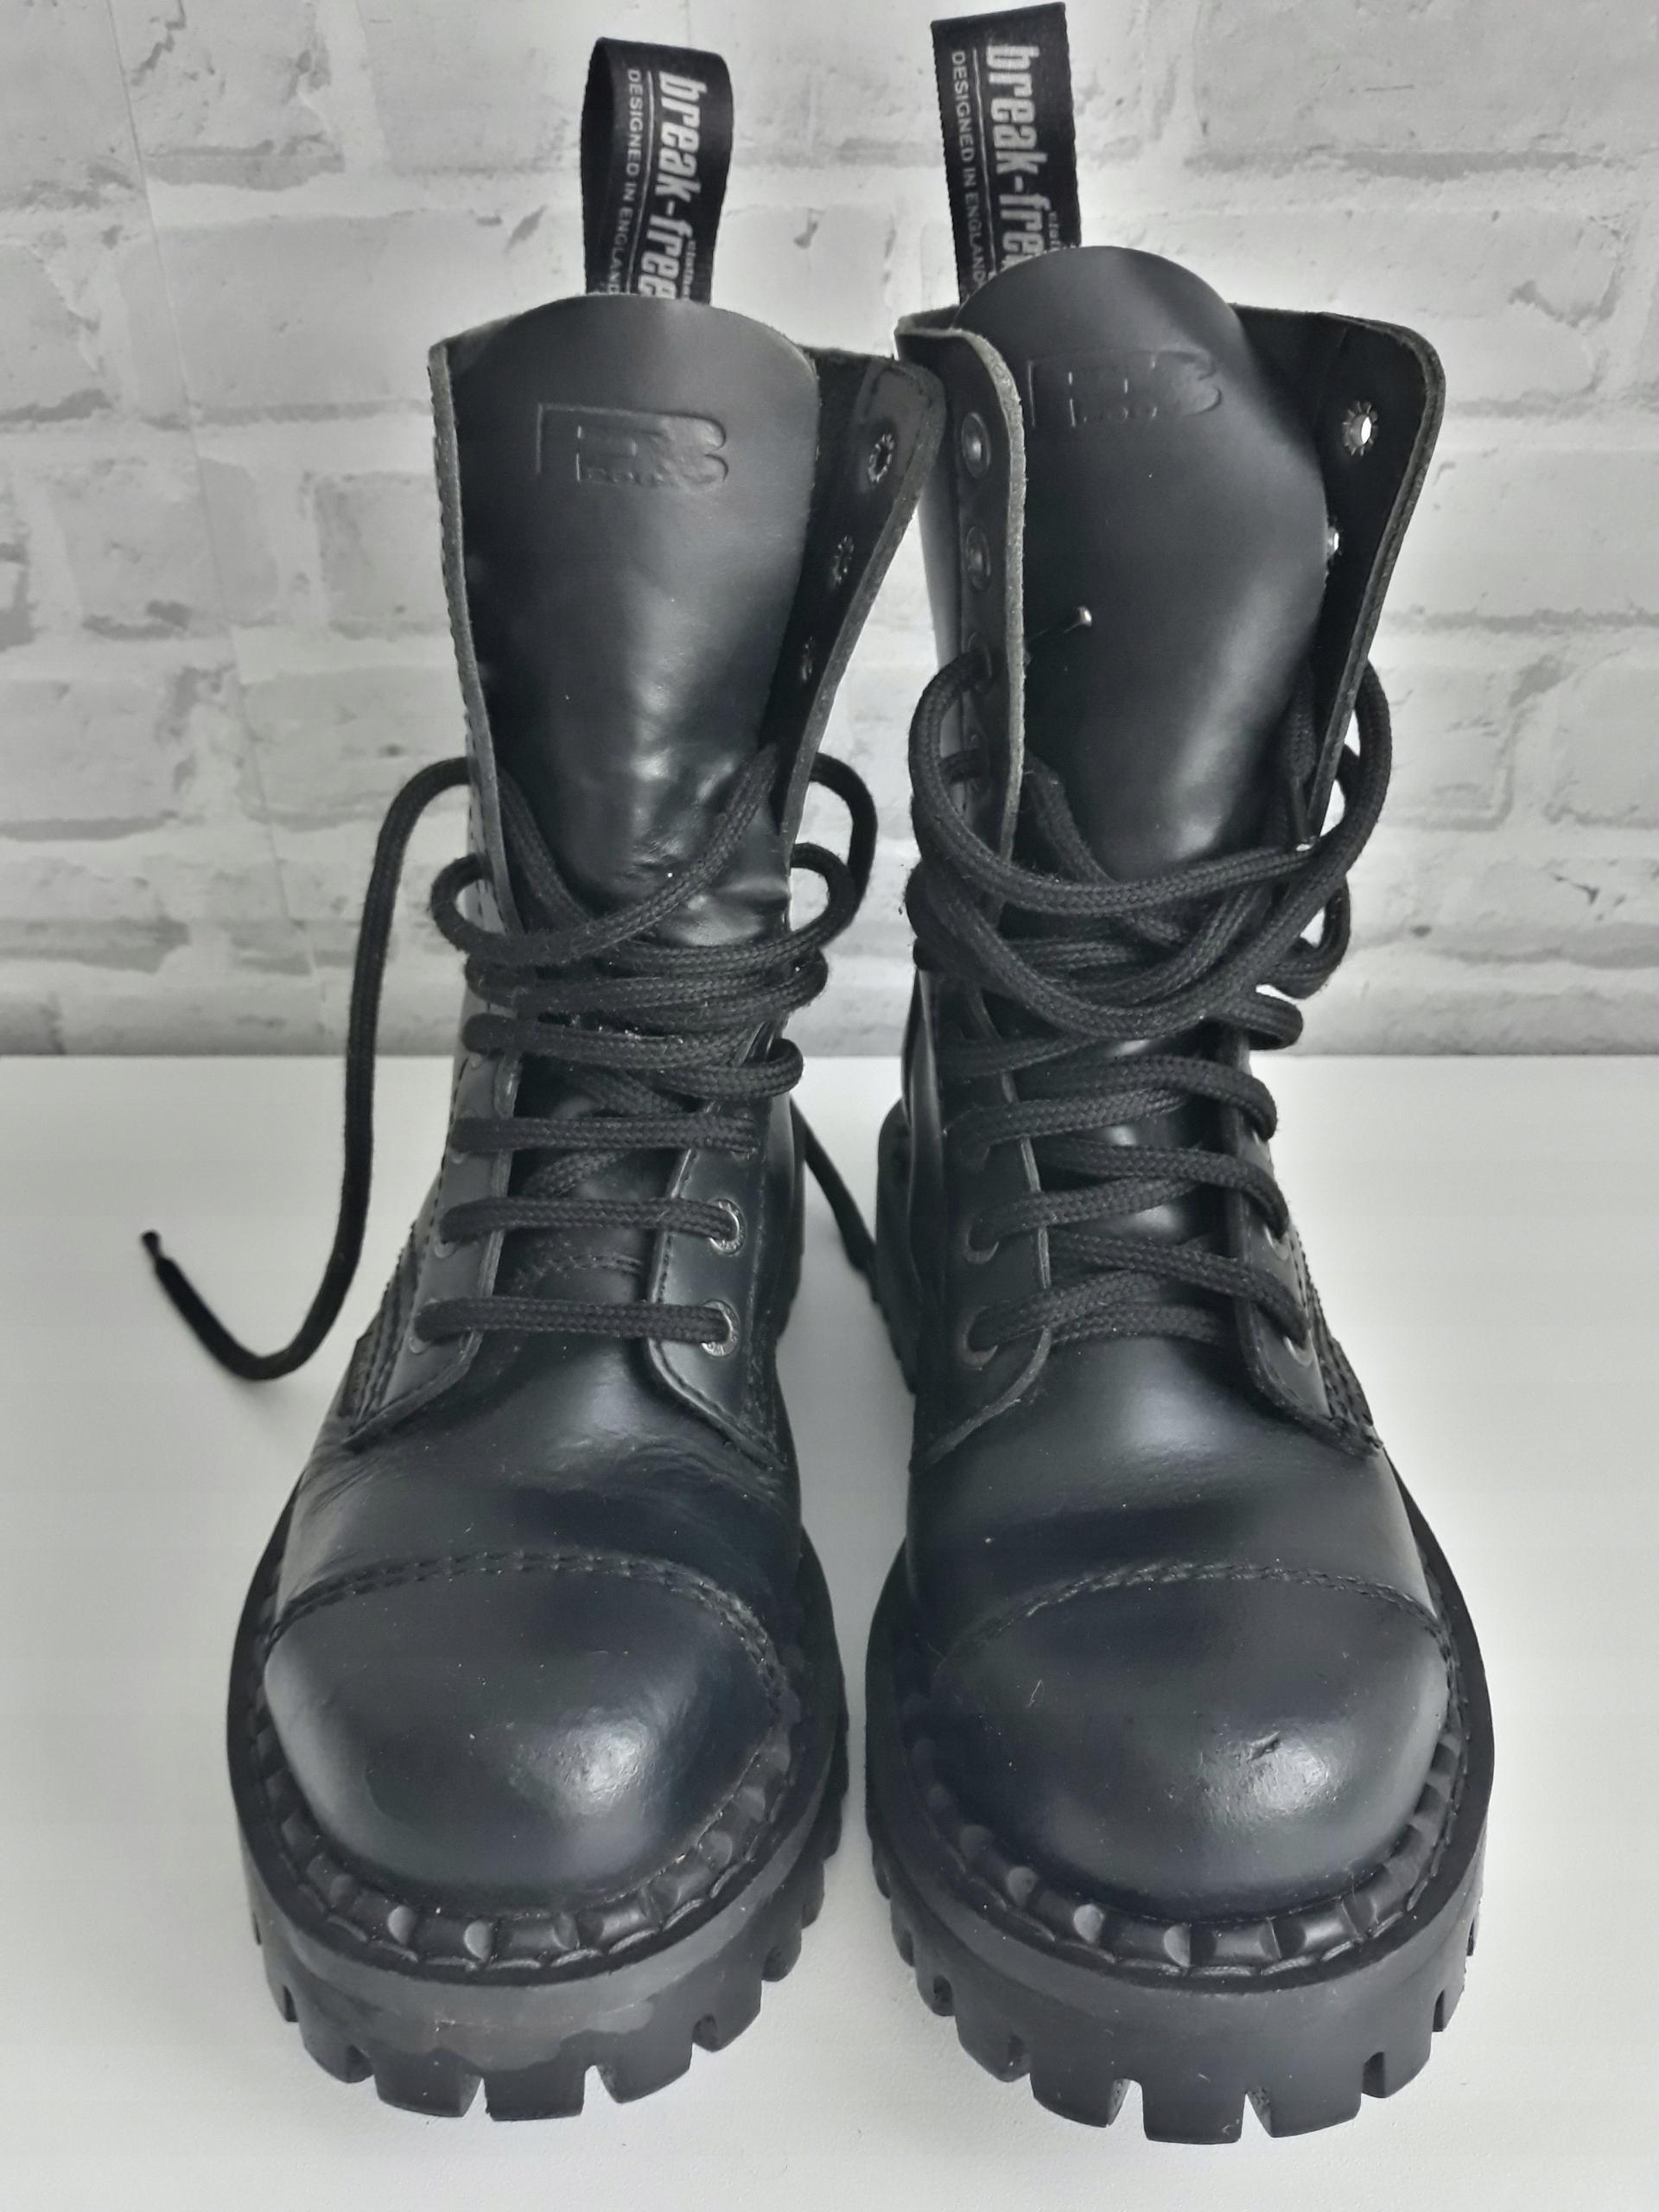 47f78350 Glany Wojas buty wysokie 011-46 skóra 38 - 7585069271 - oficjalne ...